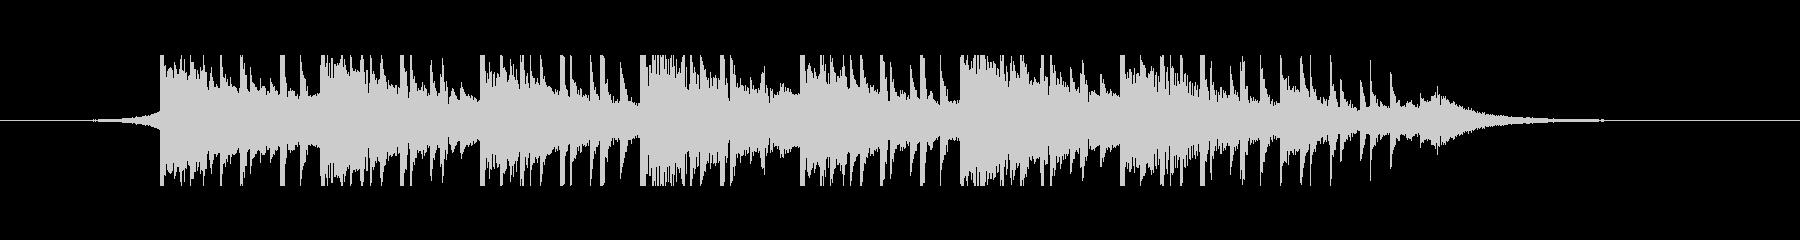 医療音楽(25秒)の未再生の波形